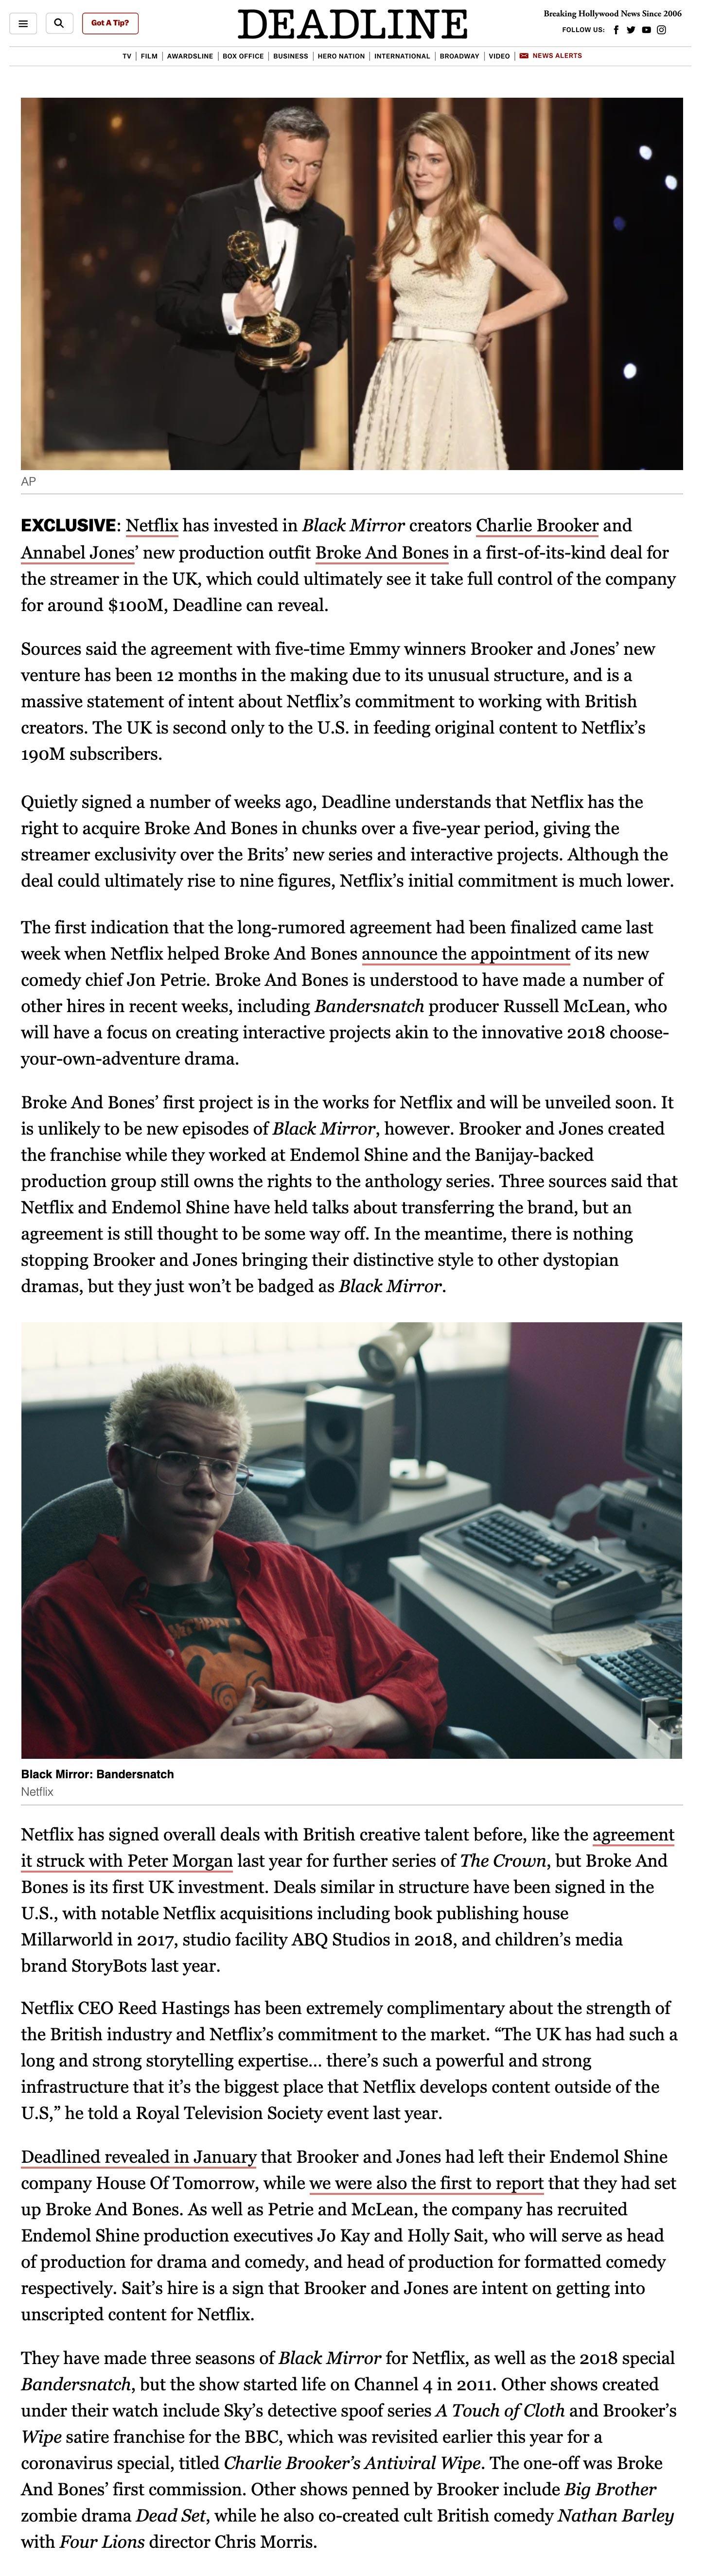 Deadline-Netflix Invests In Charlie Brooker & Annabel Jones' Broke & Bones